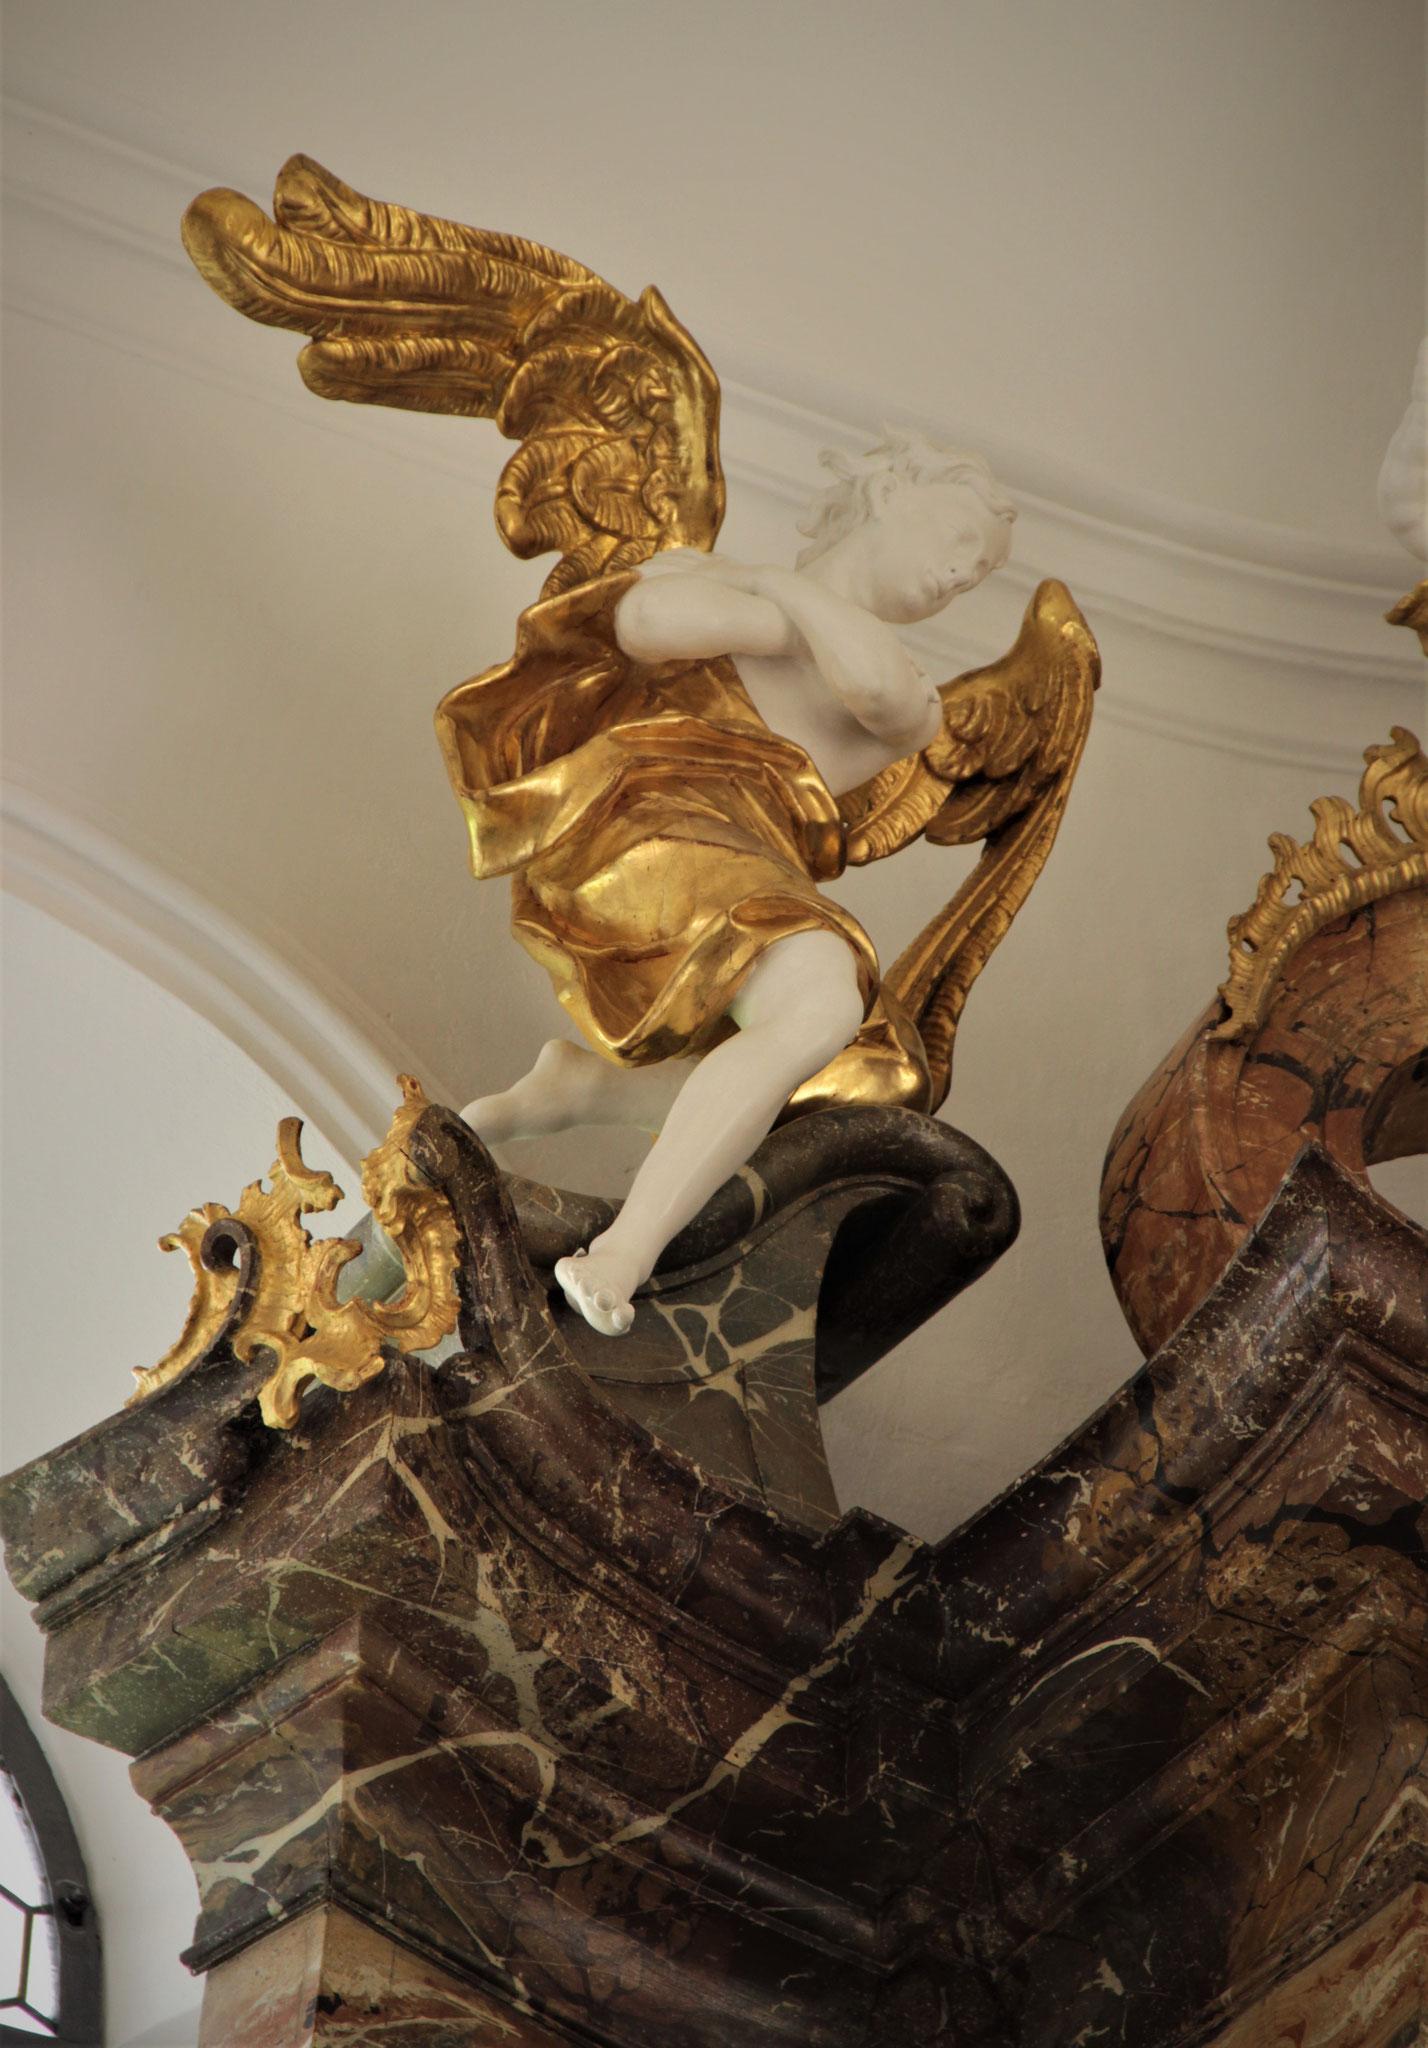 Klosterbeuren, Auszugsengel, Flügel ergänzt von Bildhauerin Monika Binapfl